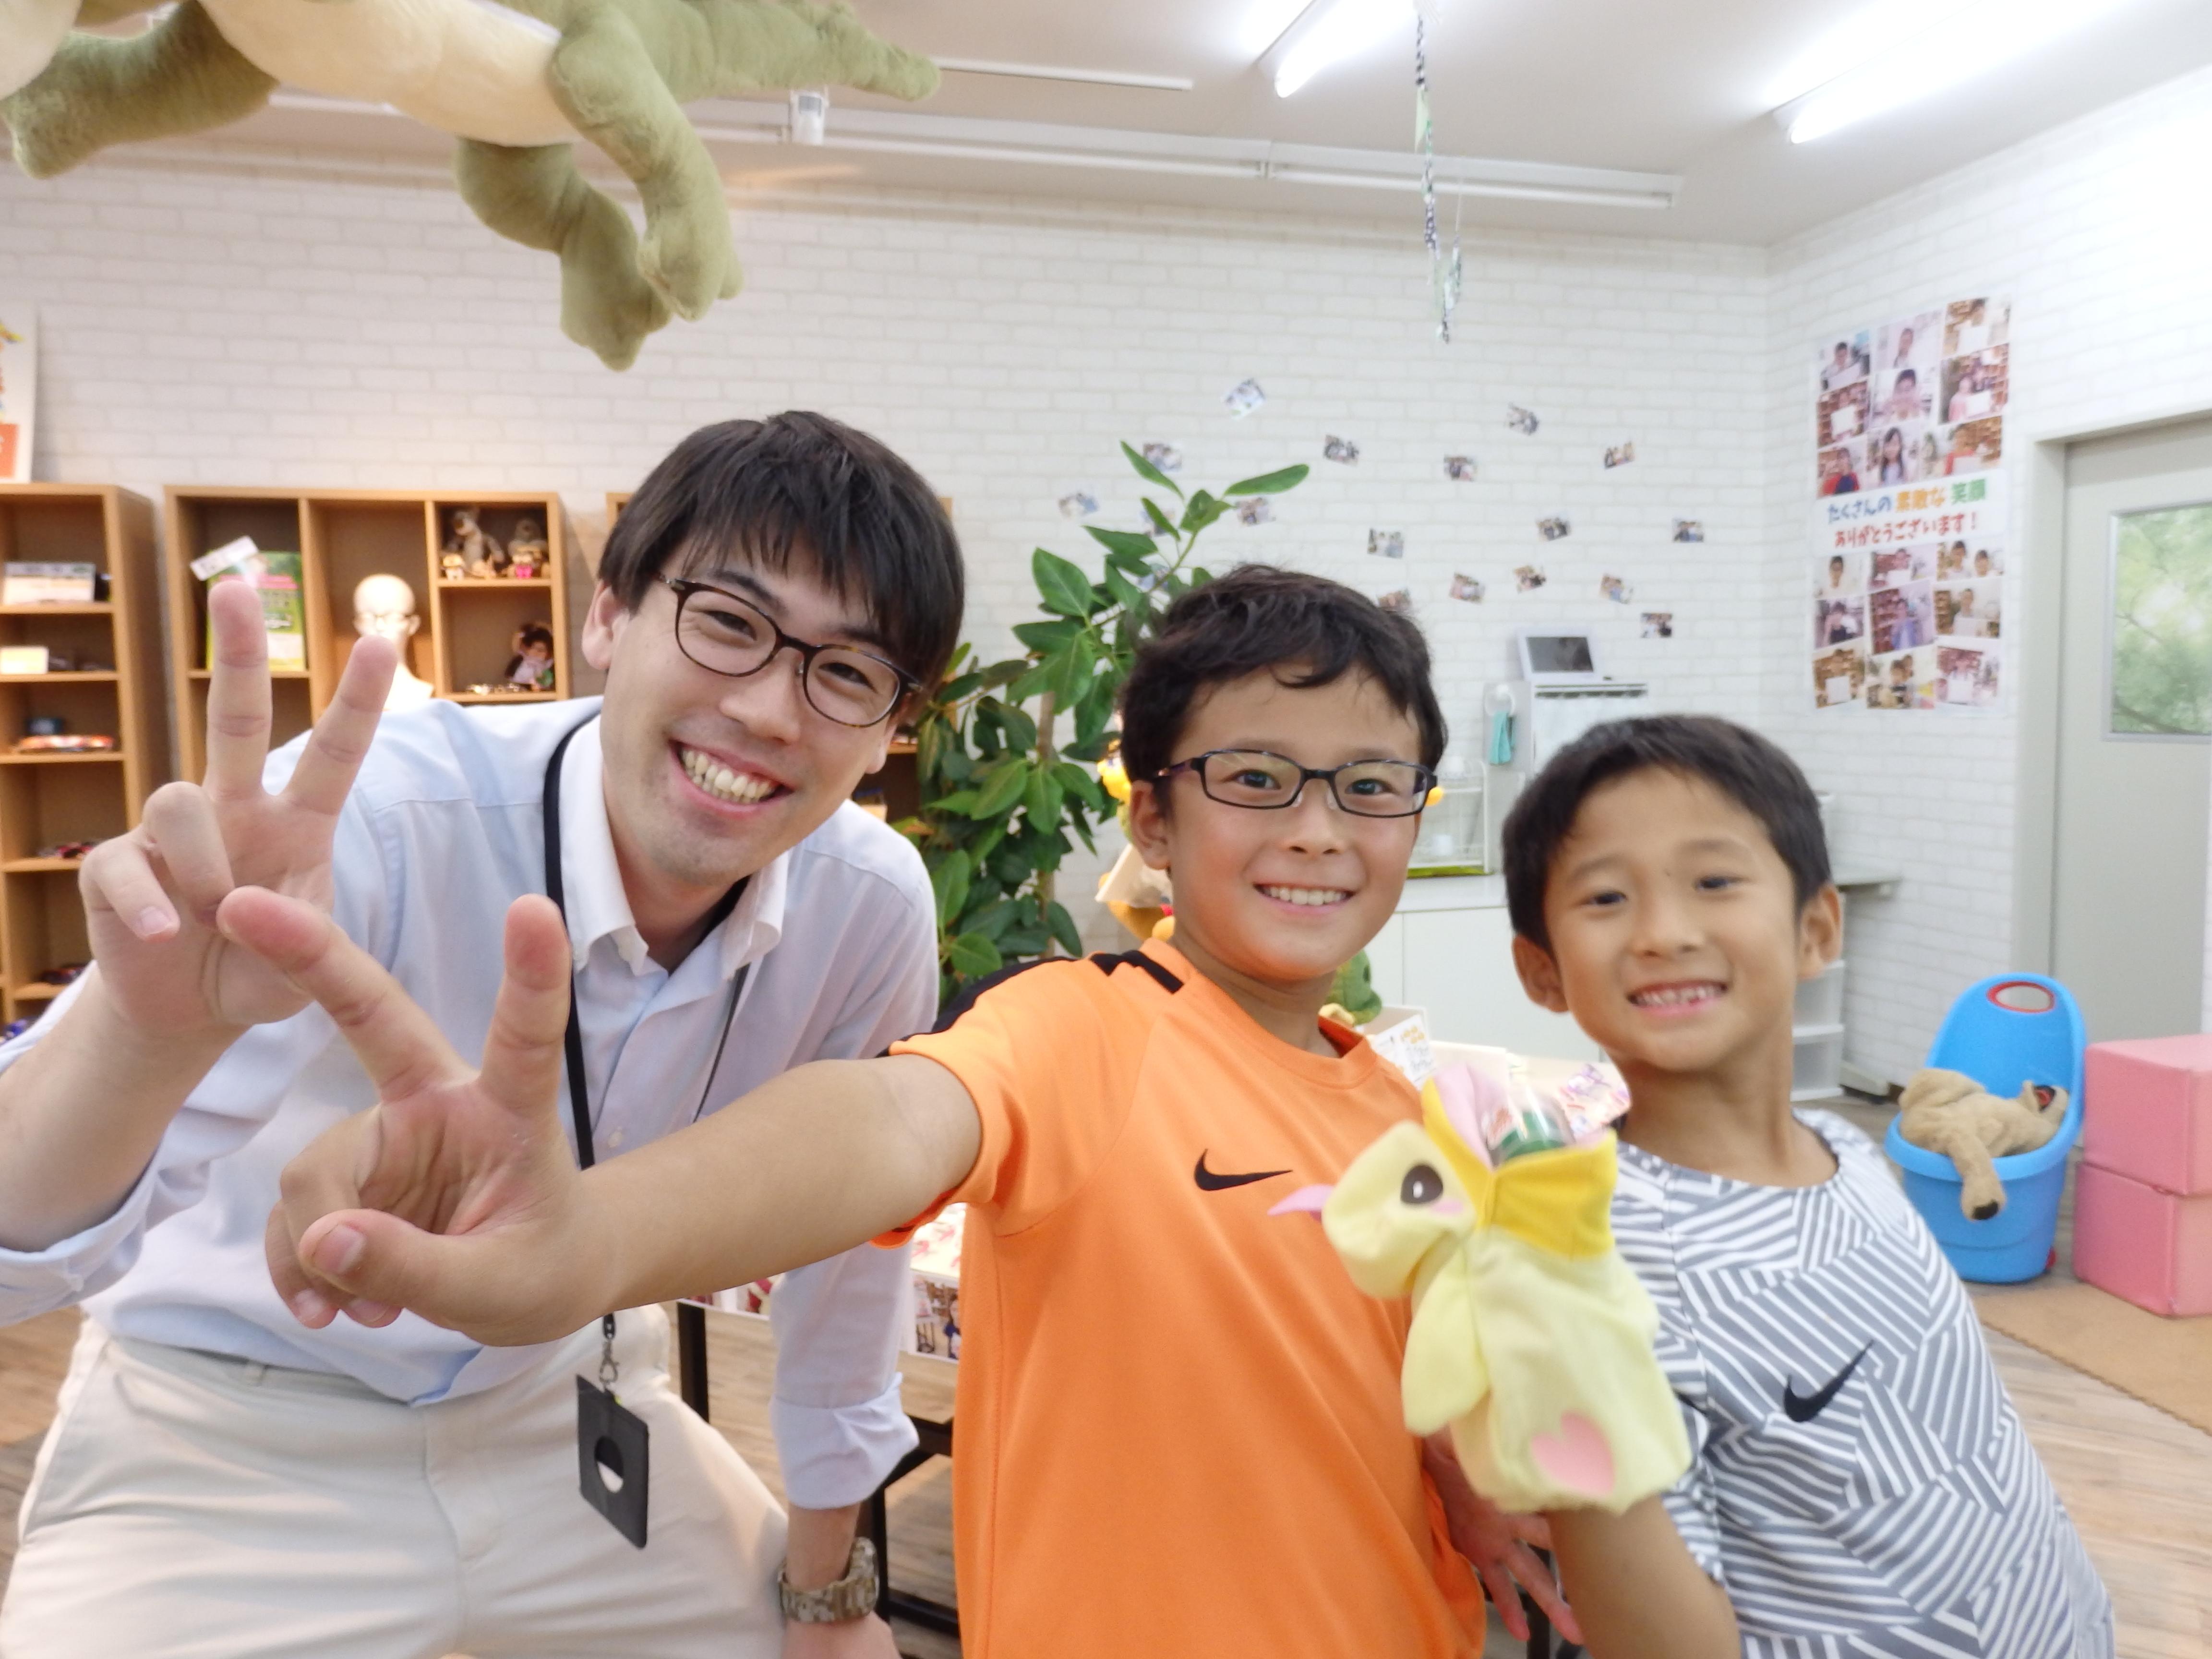 こどもメガネ 子供眼鏡 こどもメガネ 東京都江戸川区